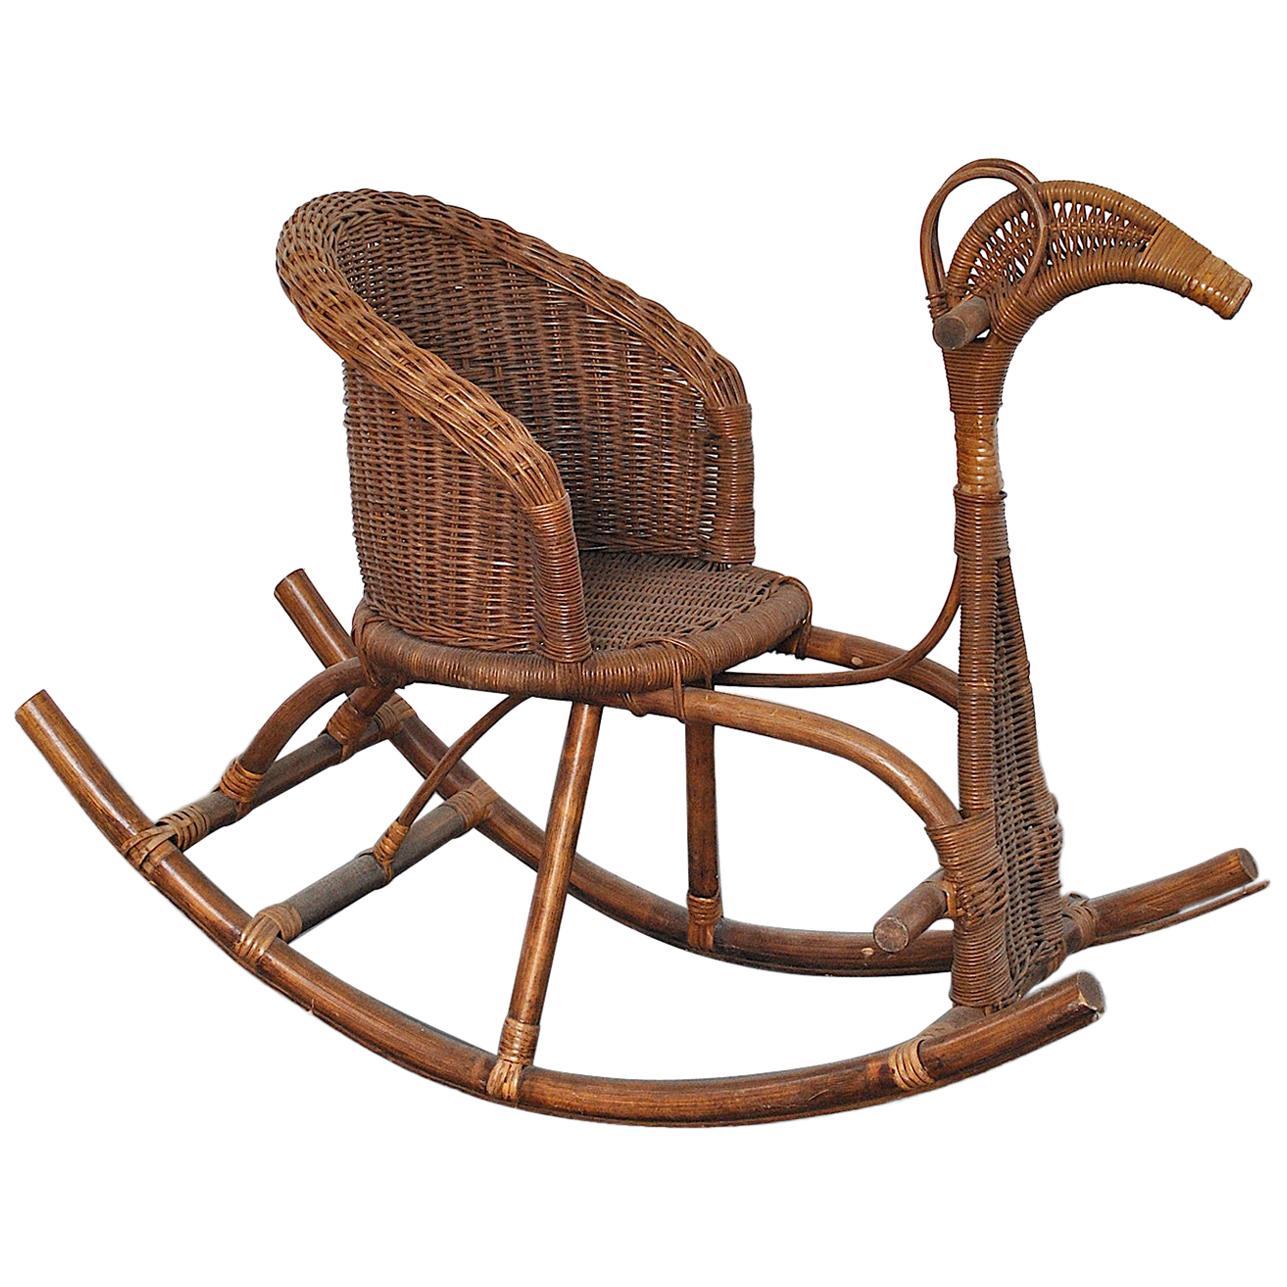 Italian Rocking Chair in Rattan